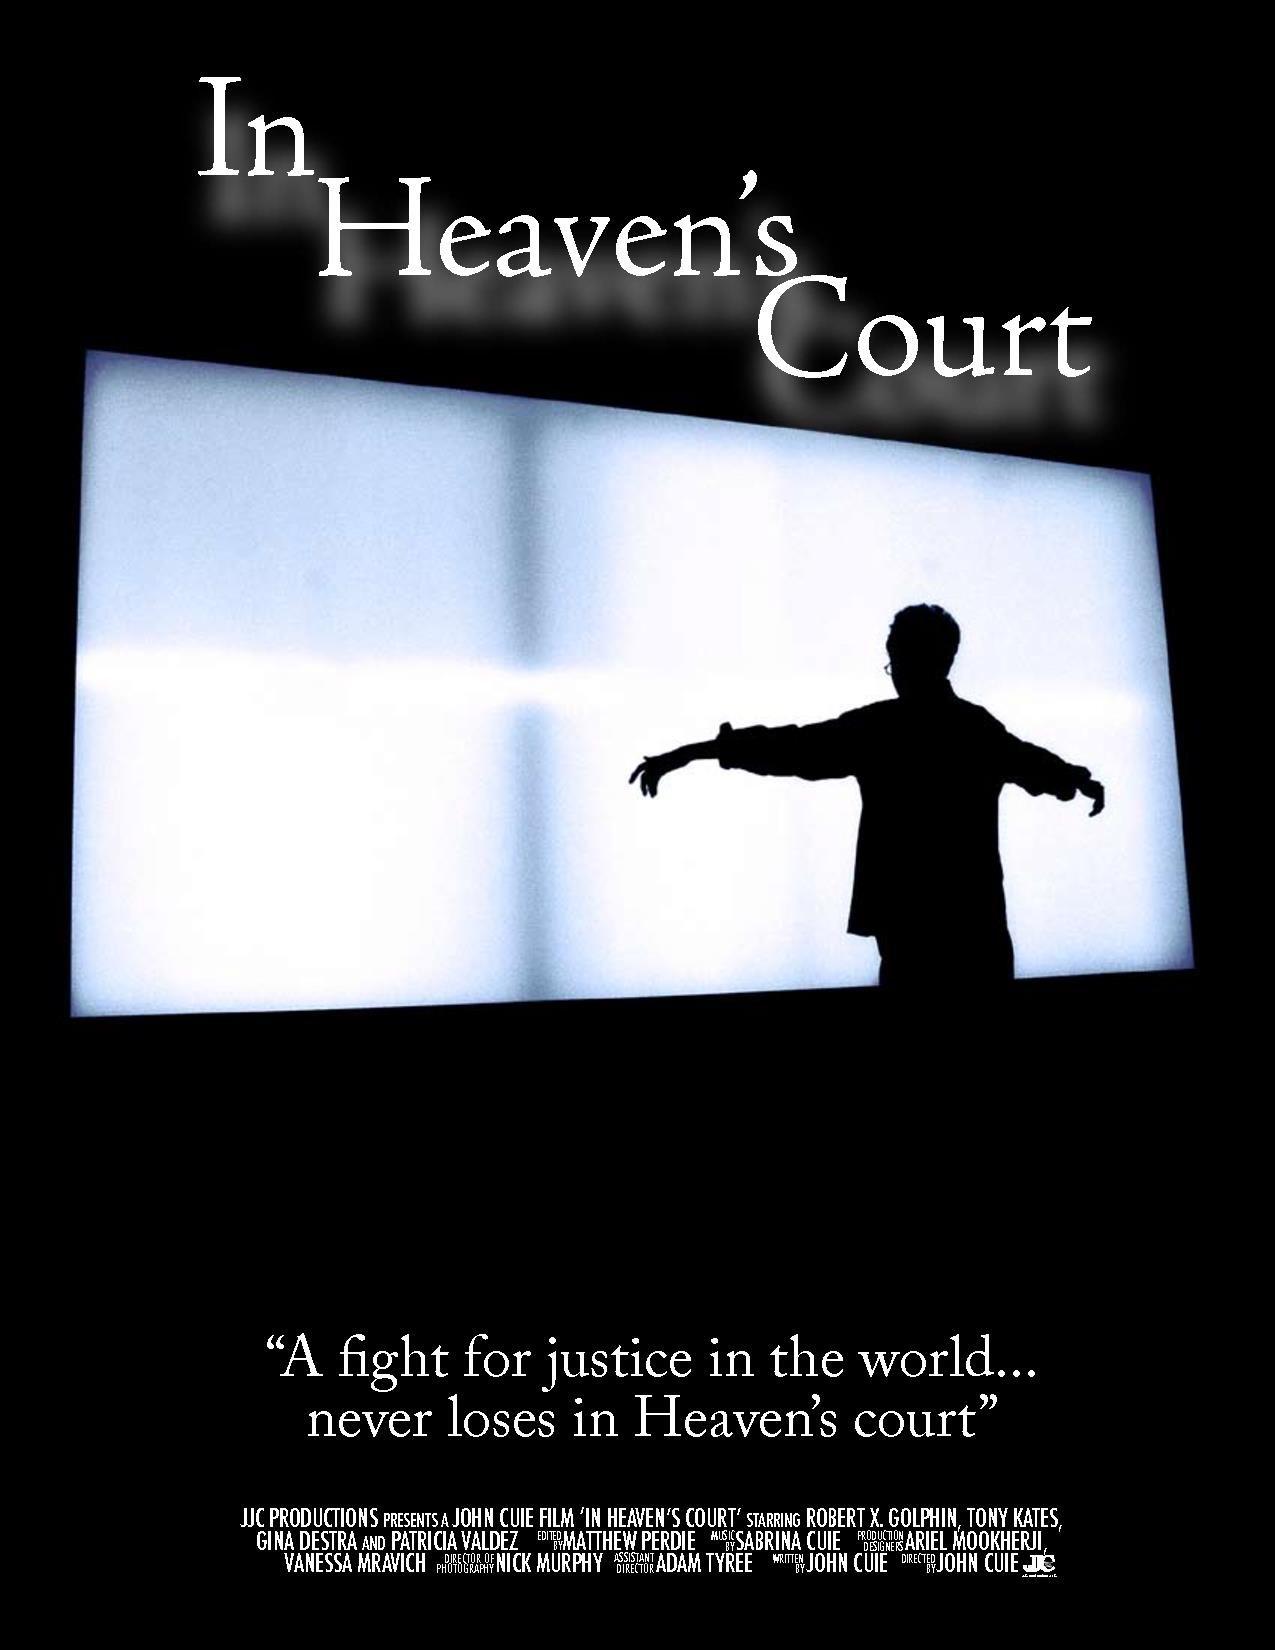 In Heaven's Court